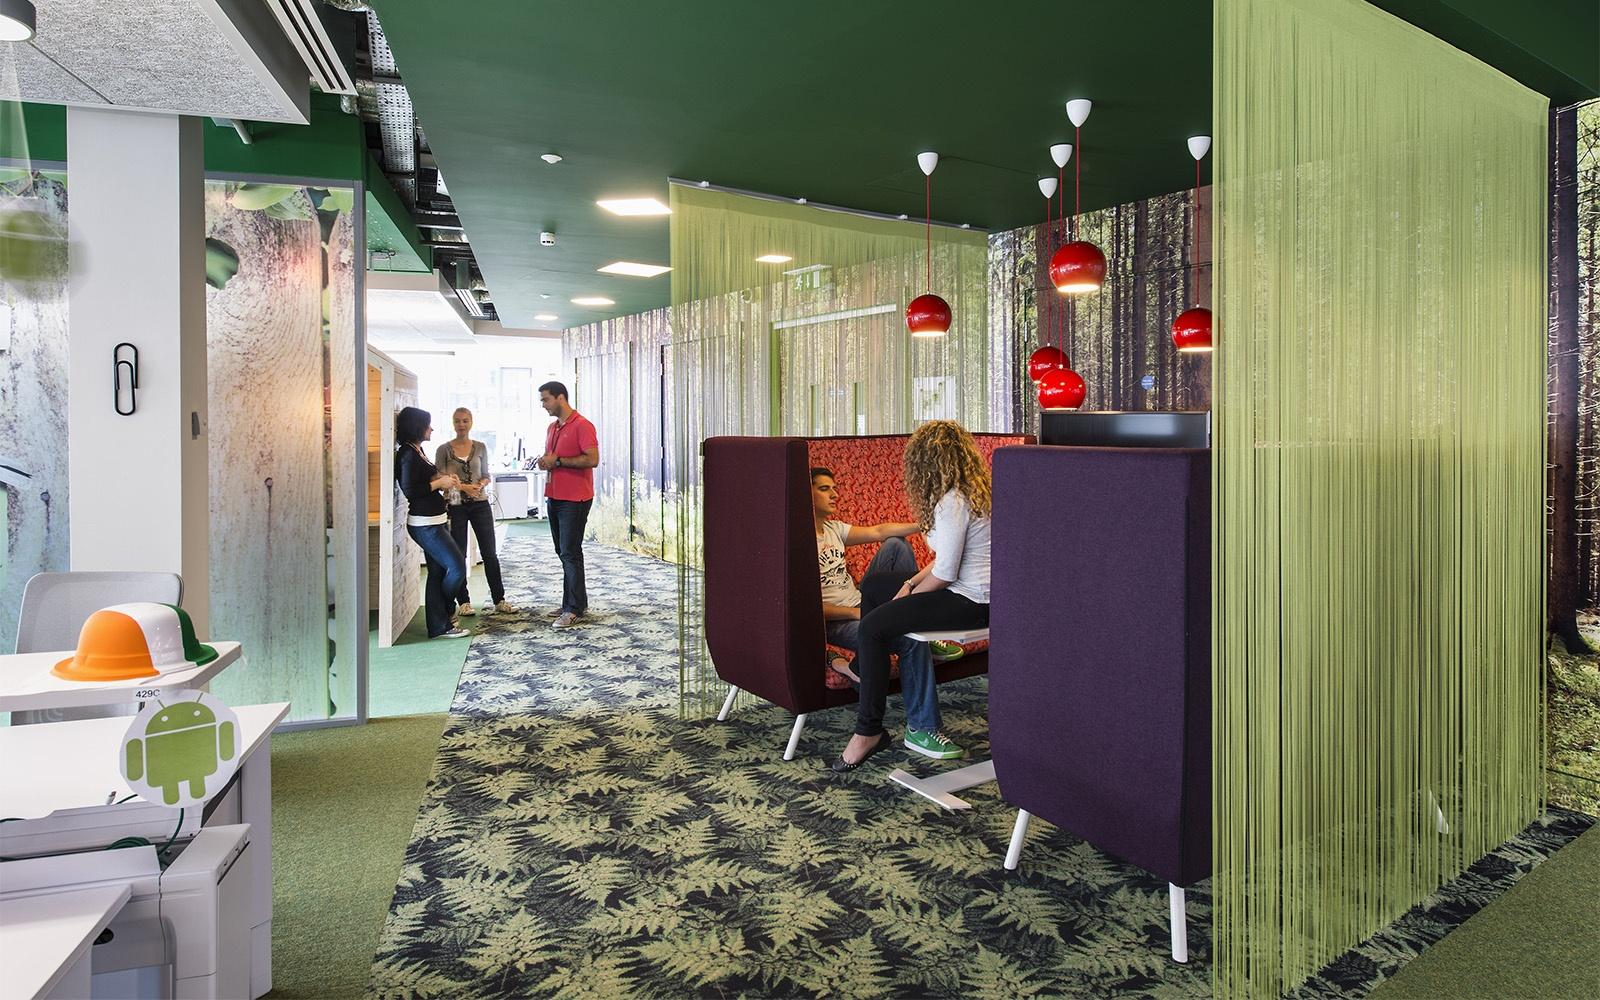 Modern designte Räumlichkeiten mit grünen Wänden, Teppichen von ege und Gardinen im Google Campus Dublin